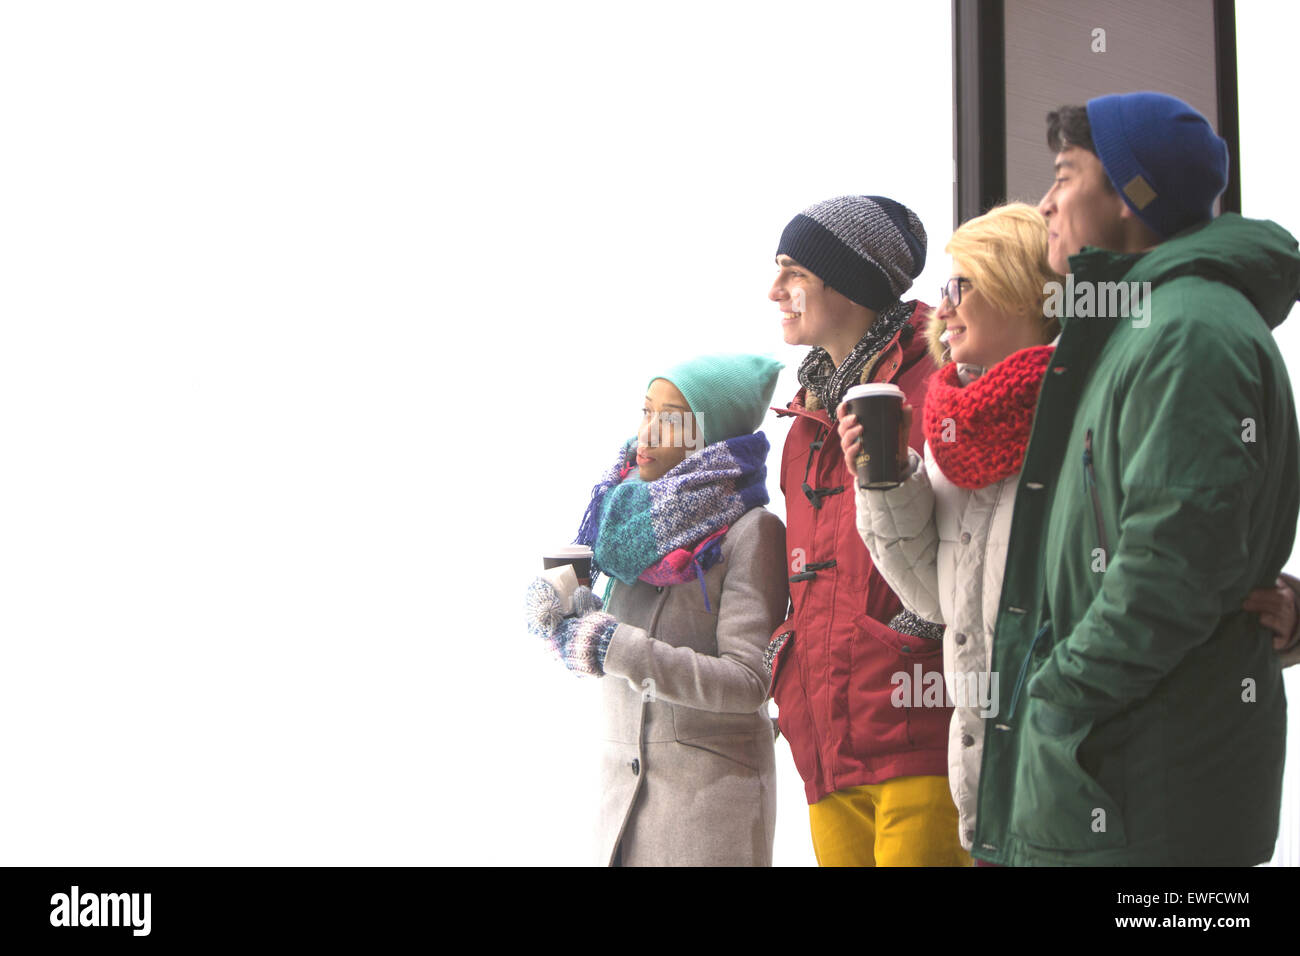 Multietnica di amici alla ricerca di distanza contro il cielo chiaro durante il periodo invernale Immagini Stock